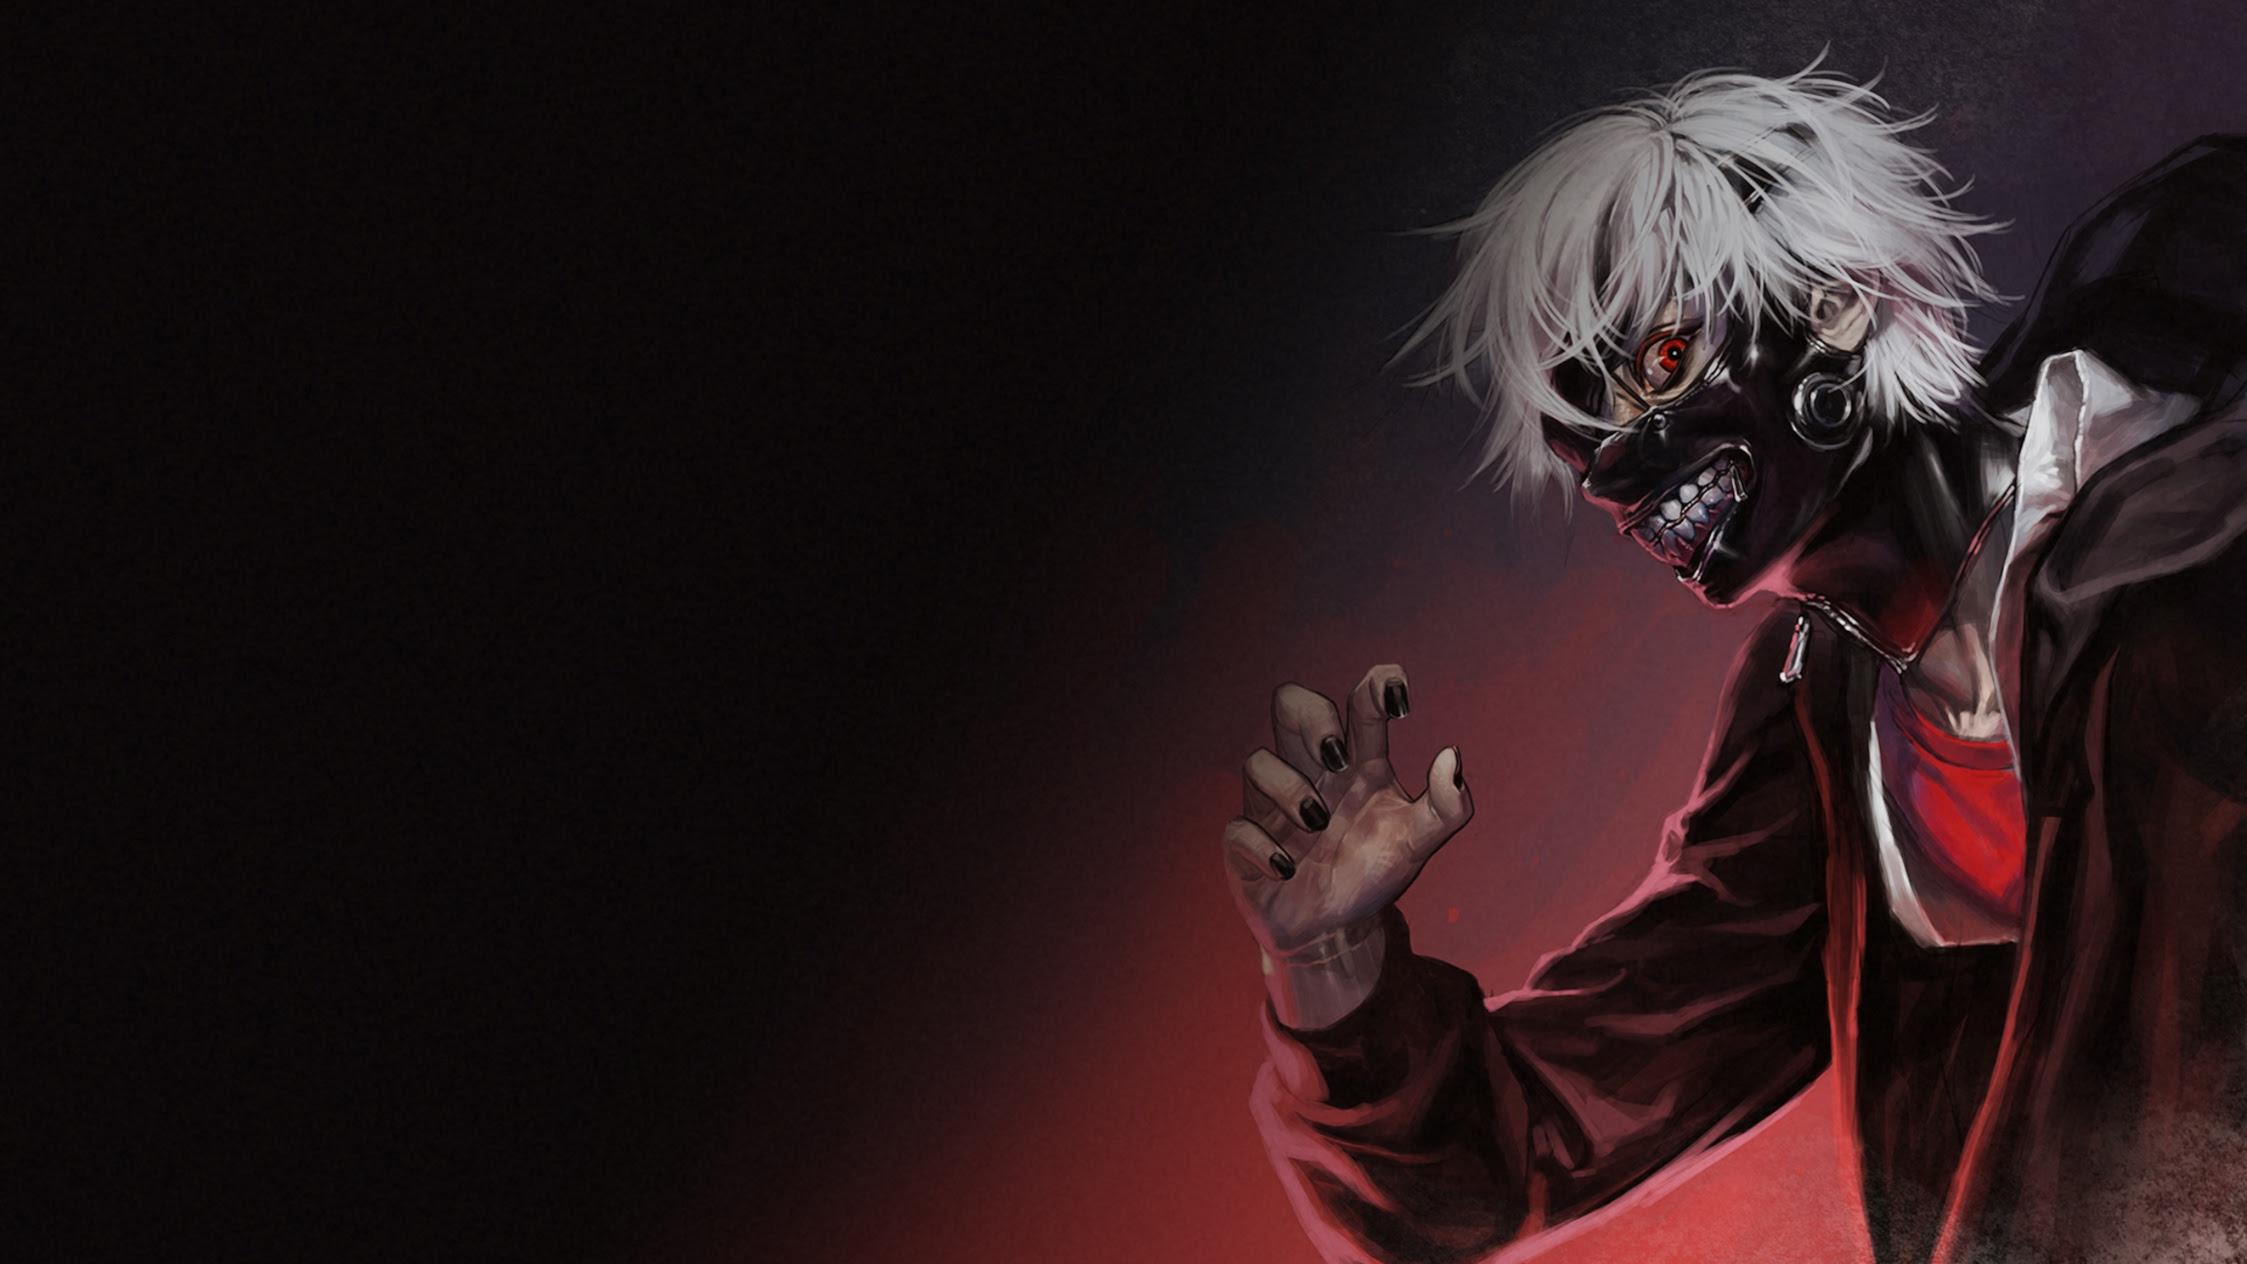 Ken Kaneki Mask Fondo De Pantalla Hd Fondo De Escritorio